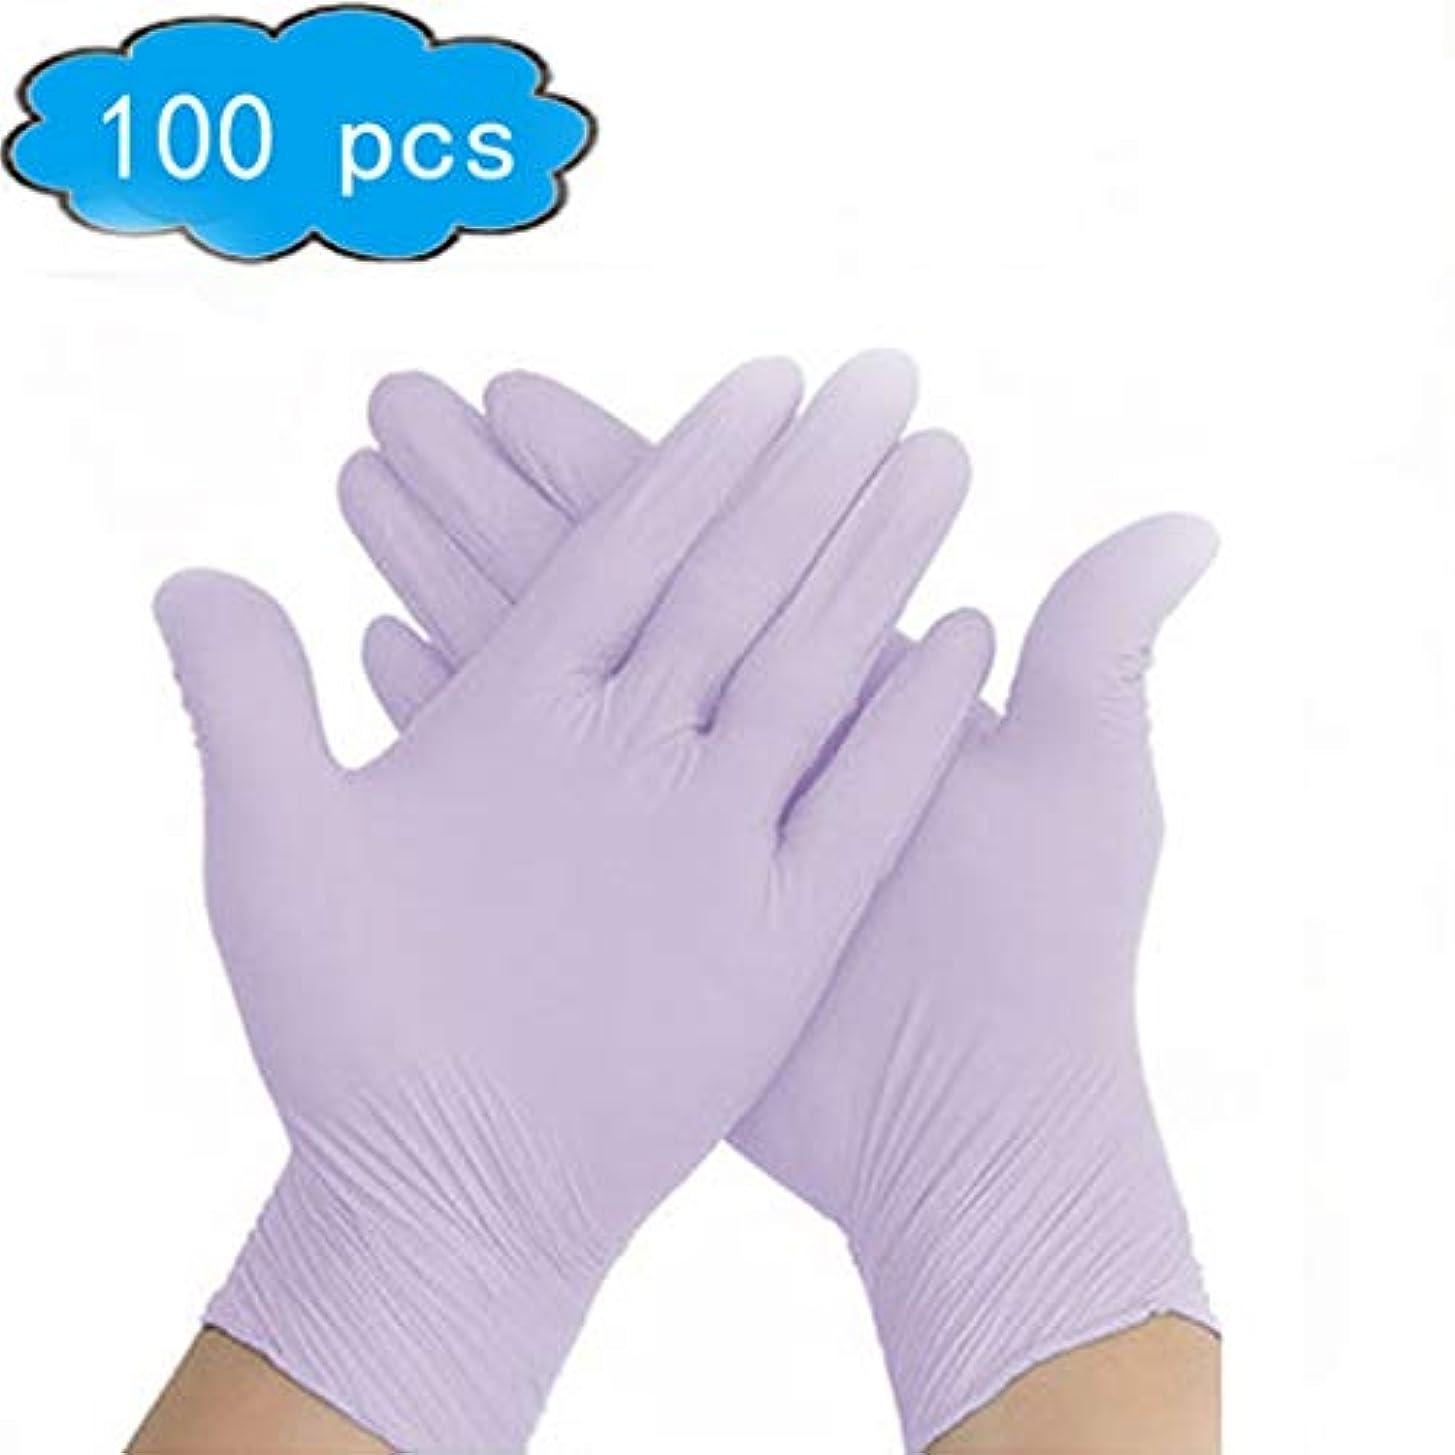 パテ可能にする先祖ニトリル手袋 - 医療用グレード、パウダーフリー、使い捨て、非滅菌、食品安全、テクスチャード加工、紫色、便利なディスペンサーパッケージ100、中サイズ、サニタリー手袋 (Color : Purple, Size : L)